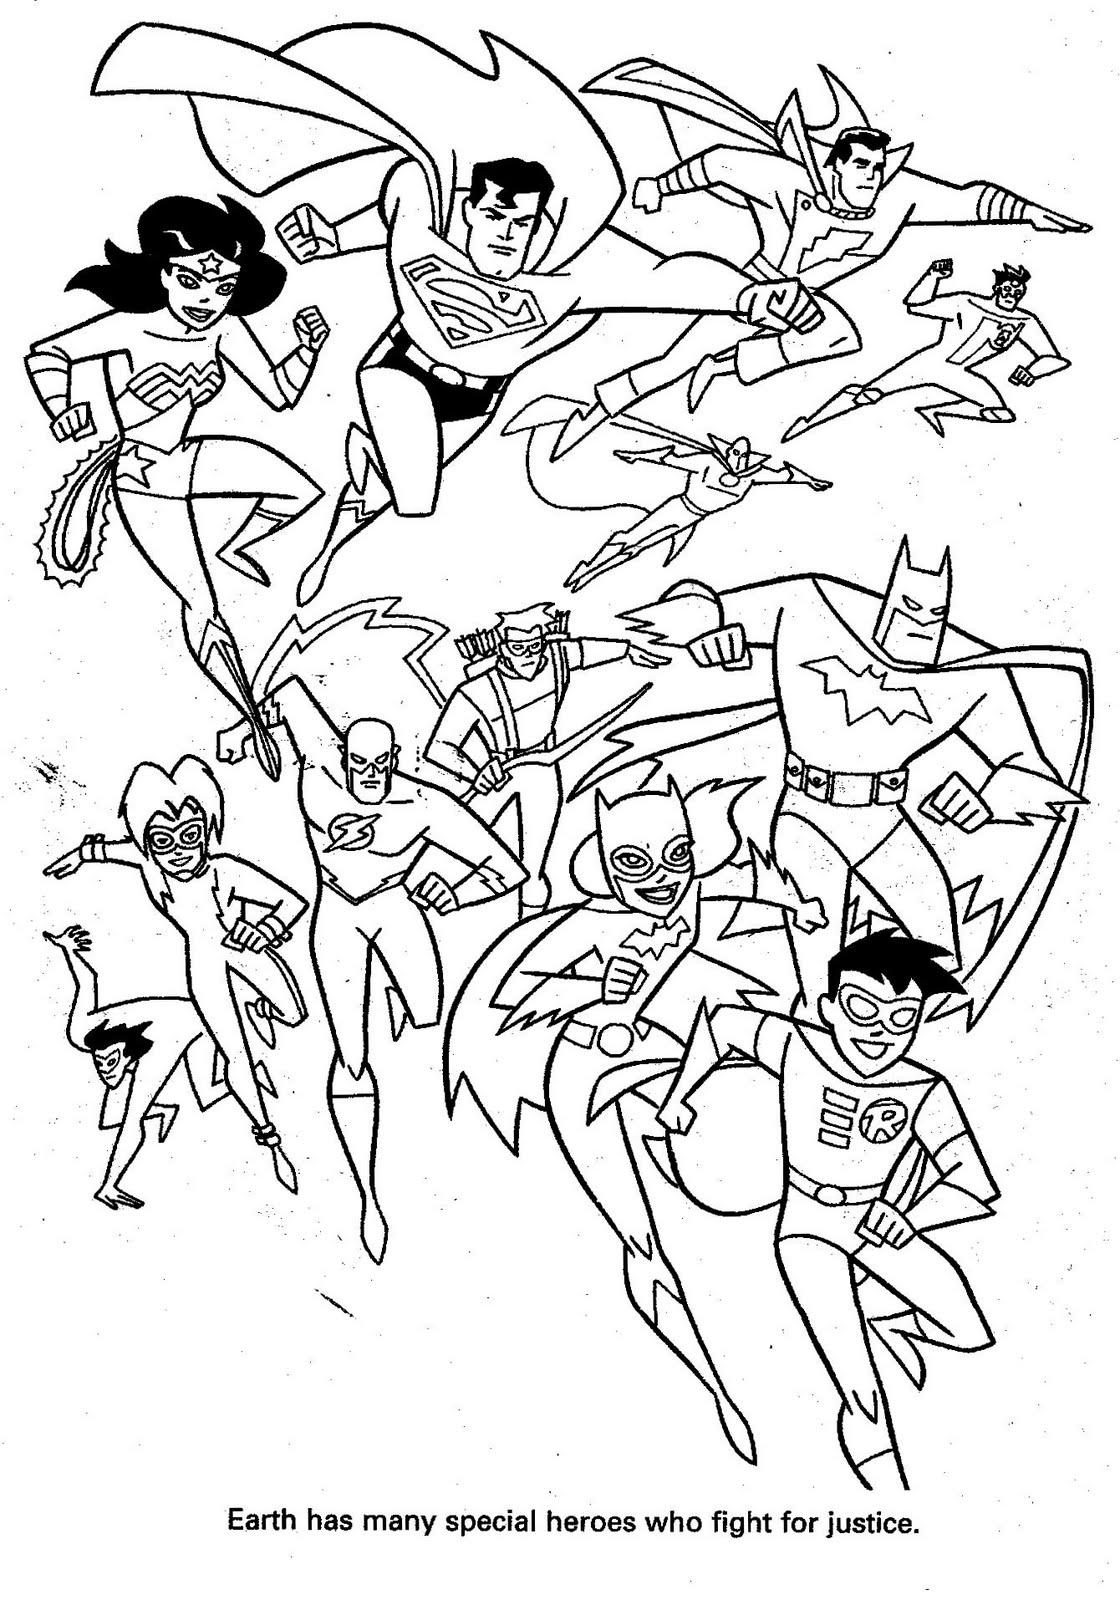 Plansa de colorat cu supereroi